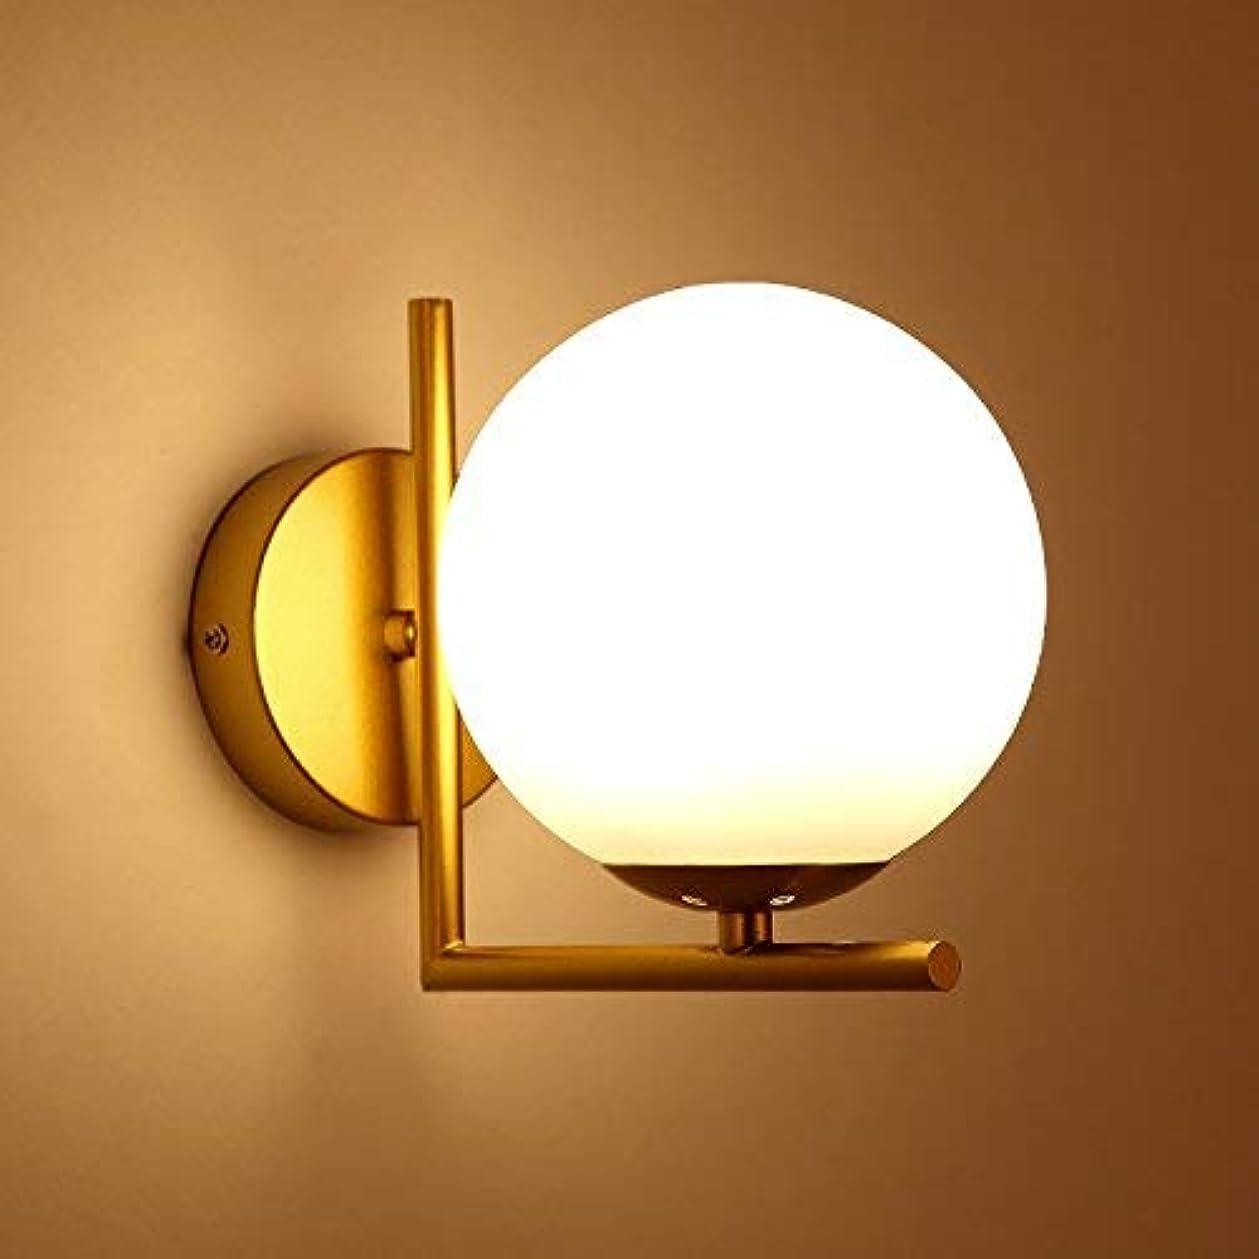 韓国語傾向があるプレーヤー壁面ライト, ウォールライト寝室用ダイニングルームロフト15センチガラスバブル壁燭台レストランリビングキッチンled avize、黒15センチ AI LI WEI